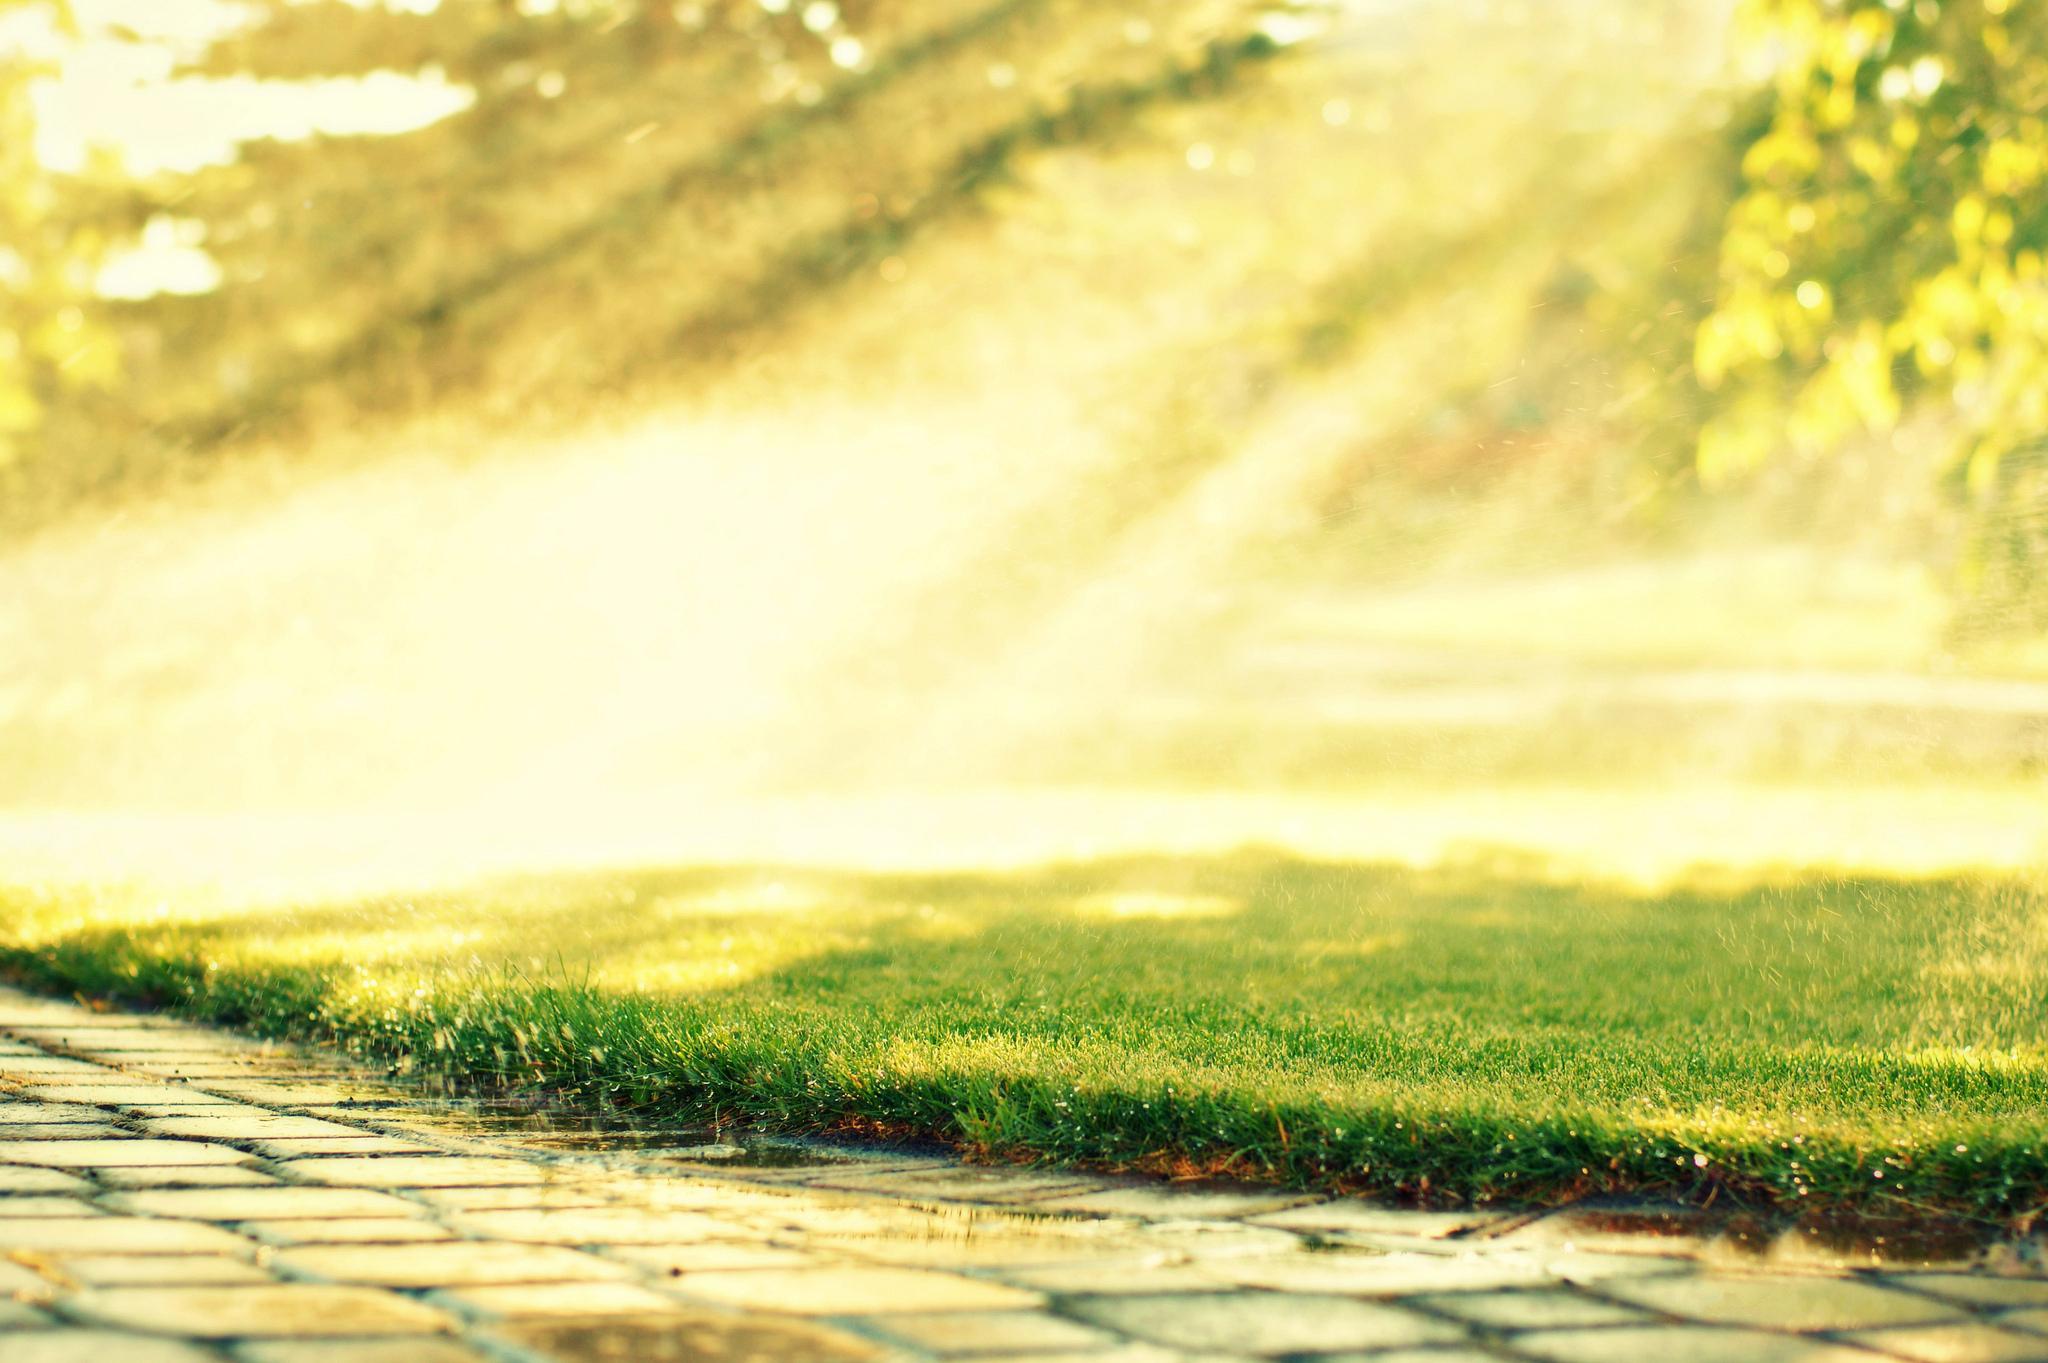 дорога, солнце, трава, деревья  № 3117721 бесплатно